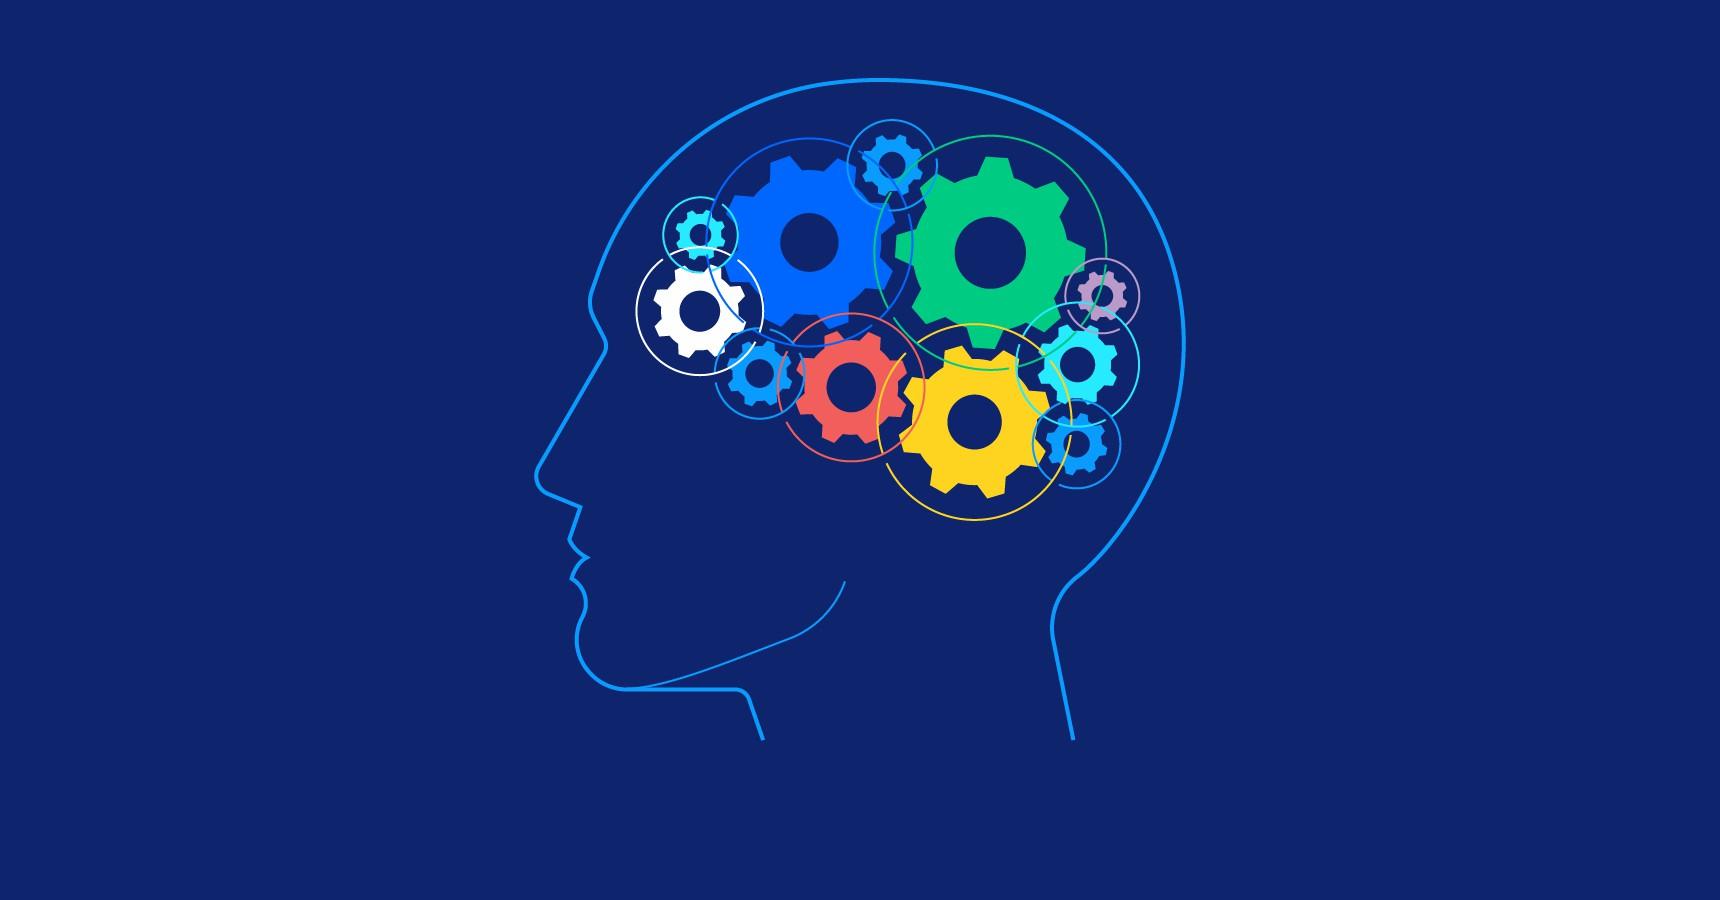 Психология цвета в маркетинге и рекламе: сочетания и рекомендации